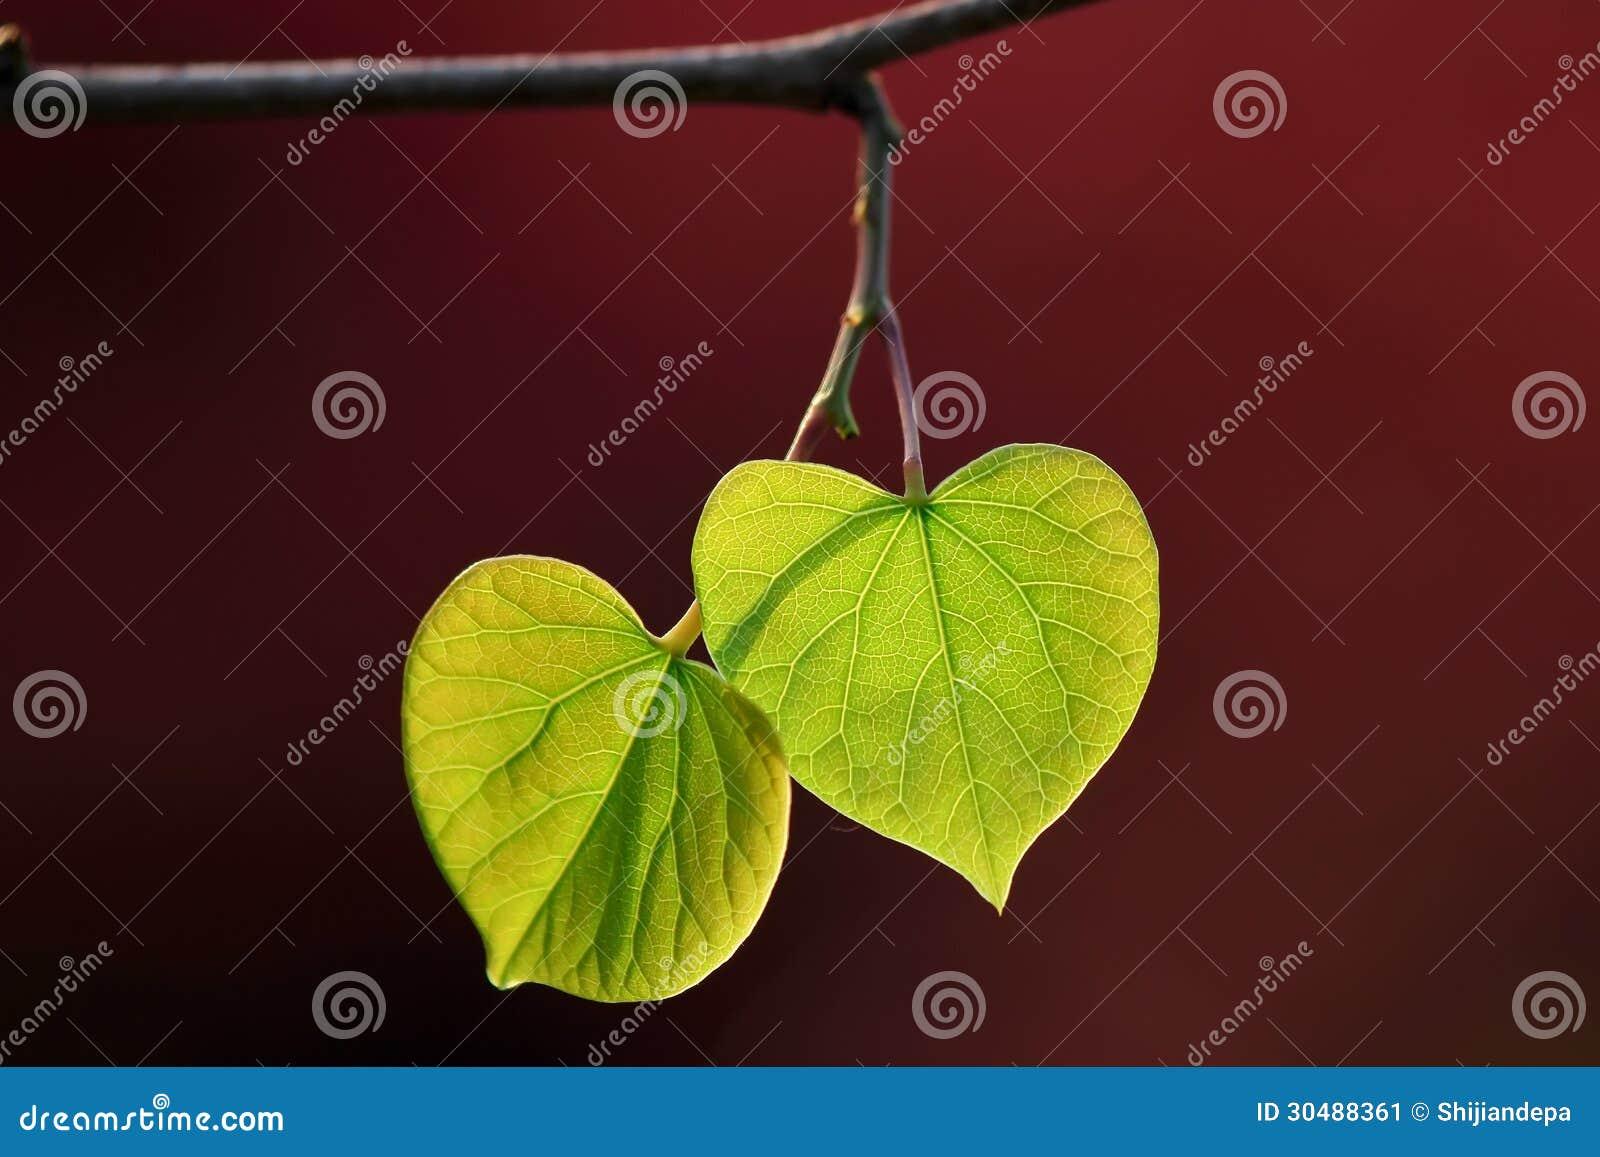 Lieben Sie die grünen Blätter